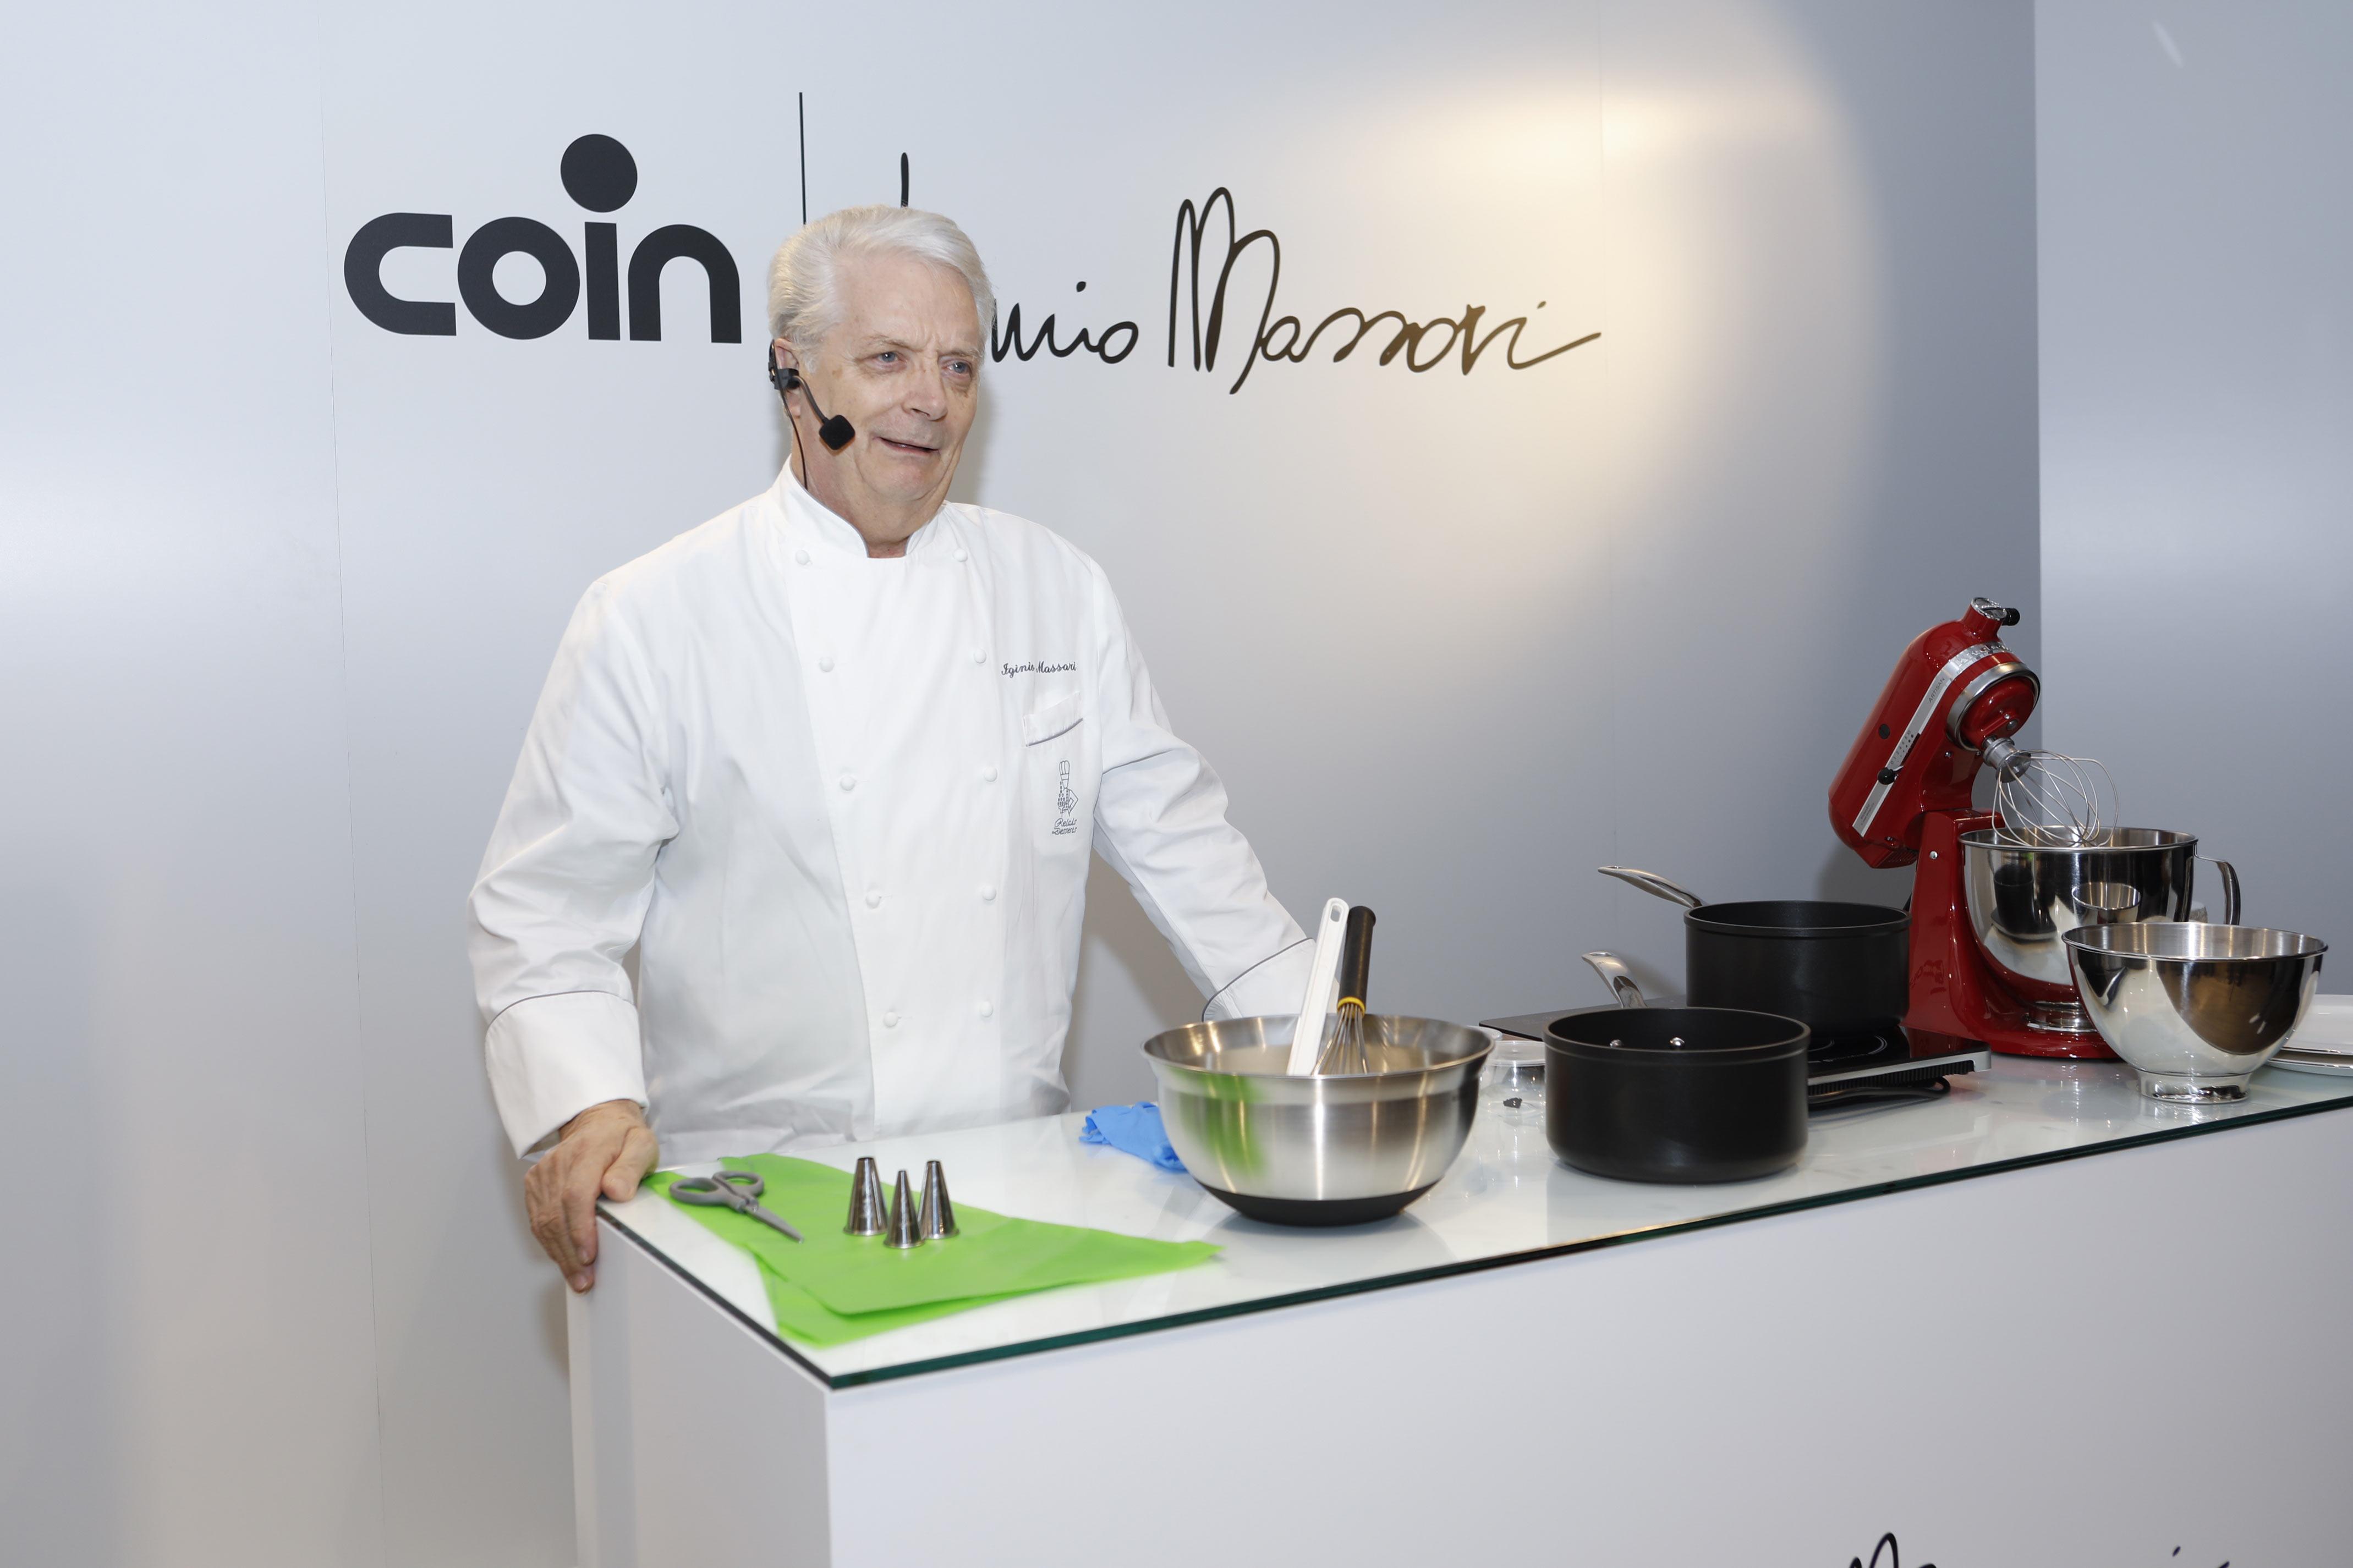 Coin Iginio Massari panettone